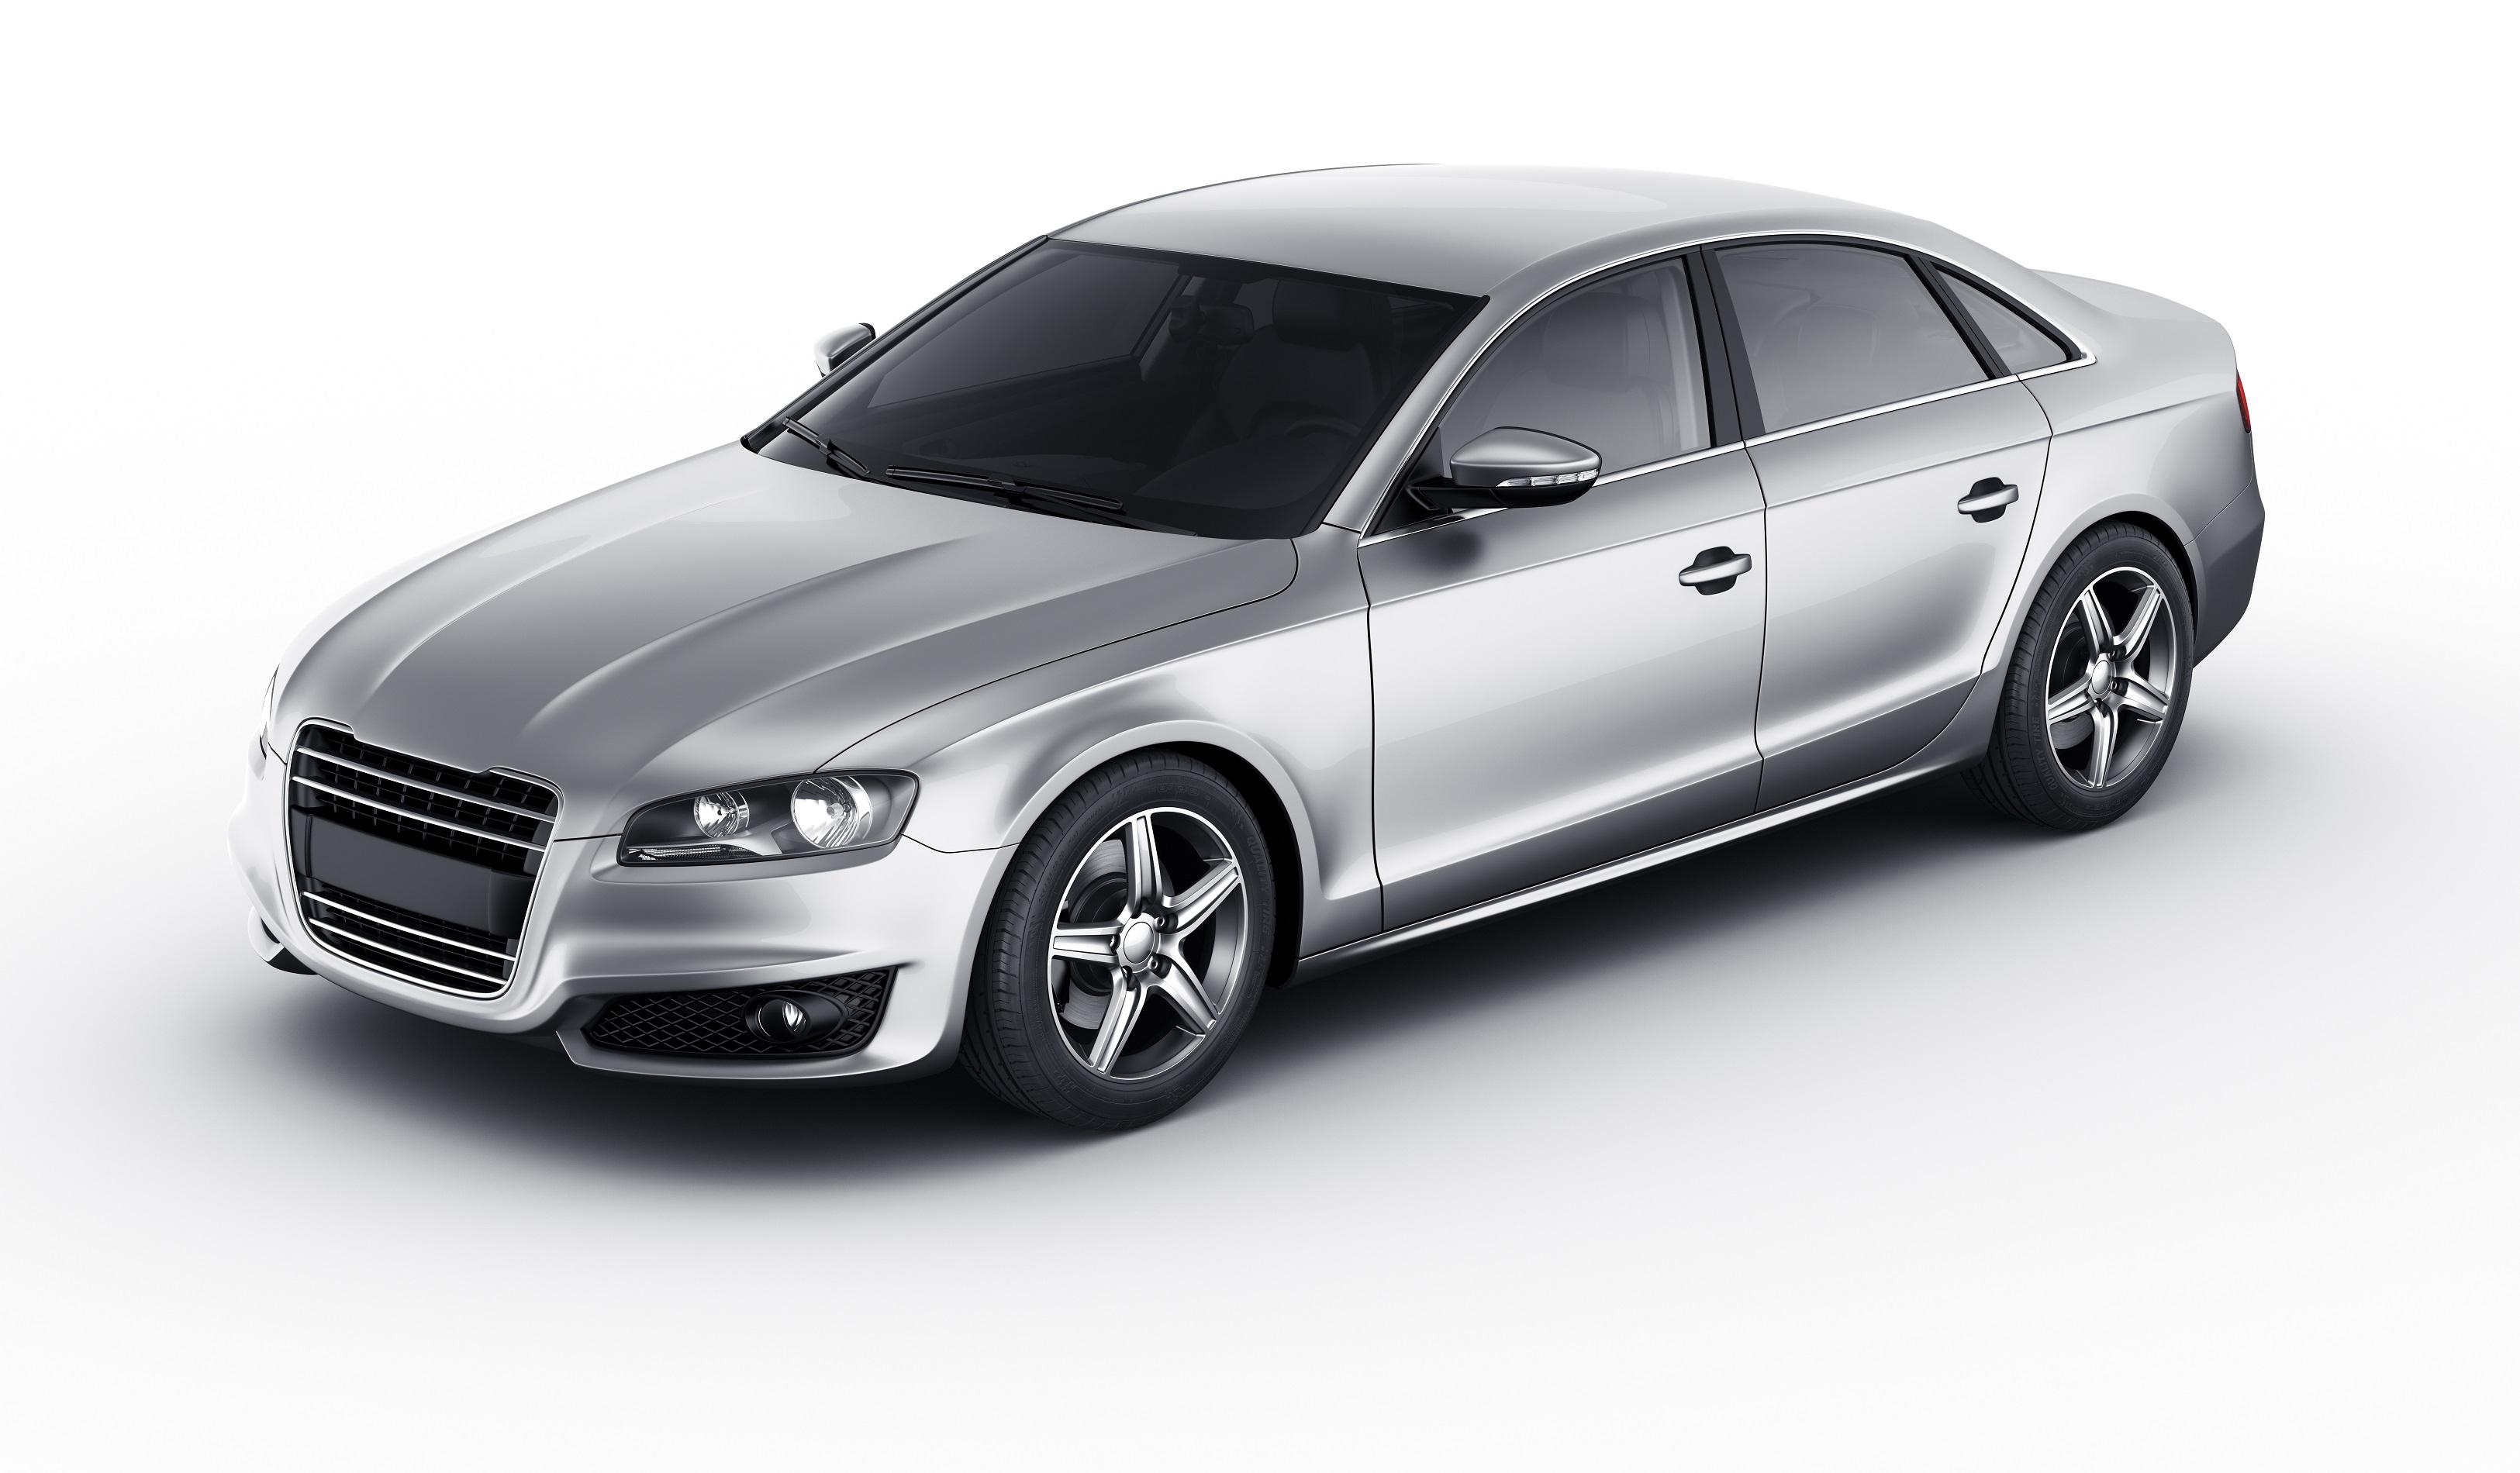 Conheça o limite máximo de Insulfilm permitido nos carros - Bompreço Auto  Peças af5f5aae5b